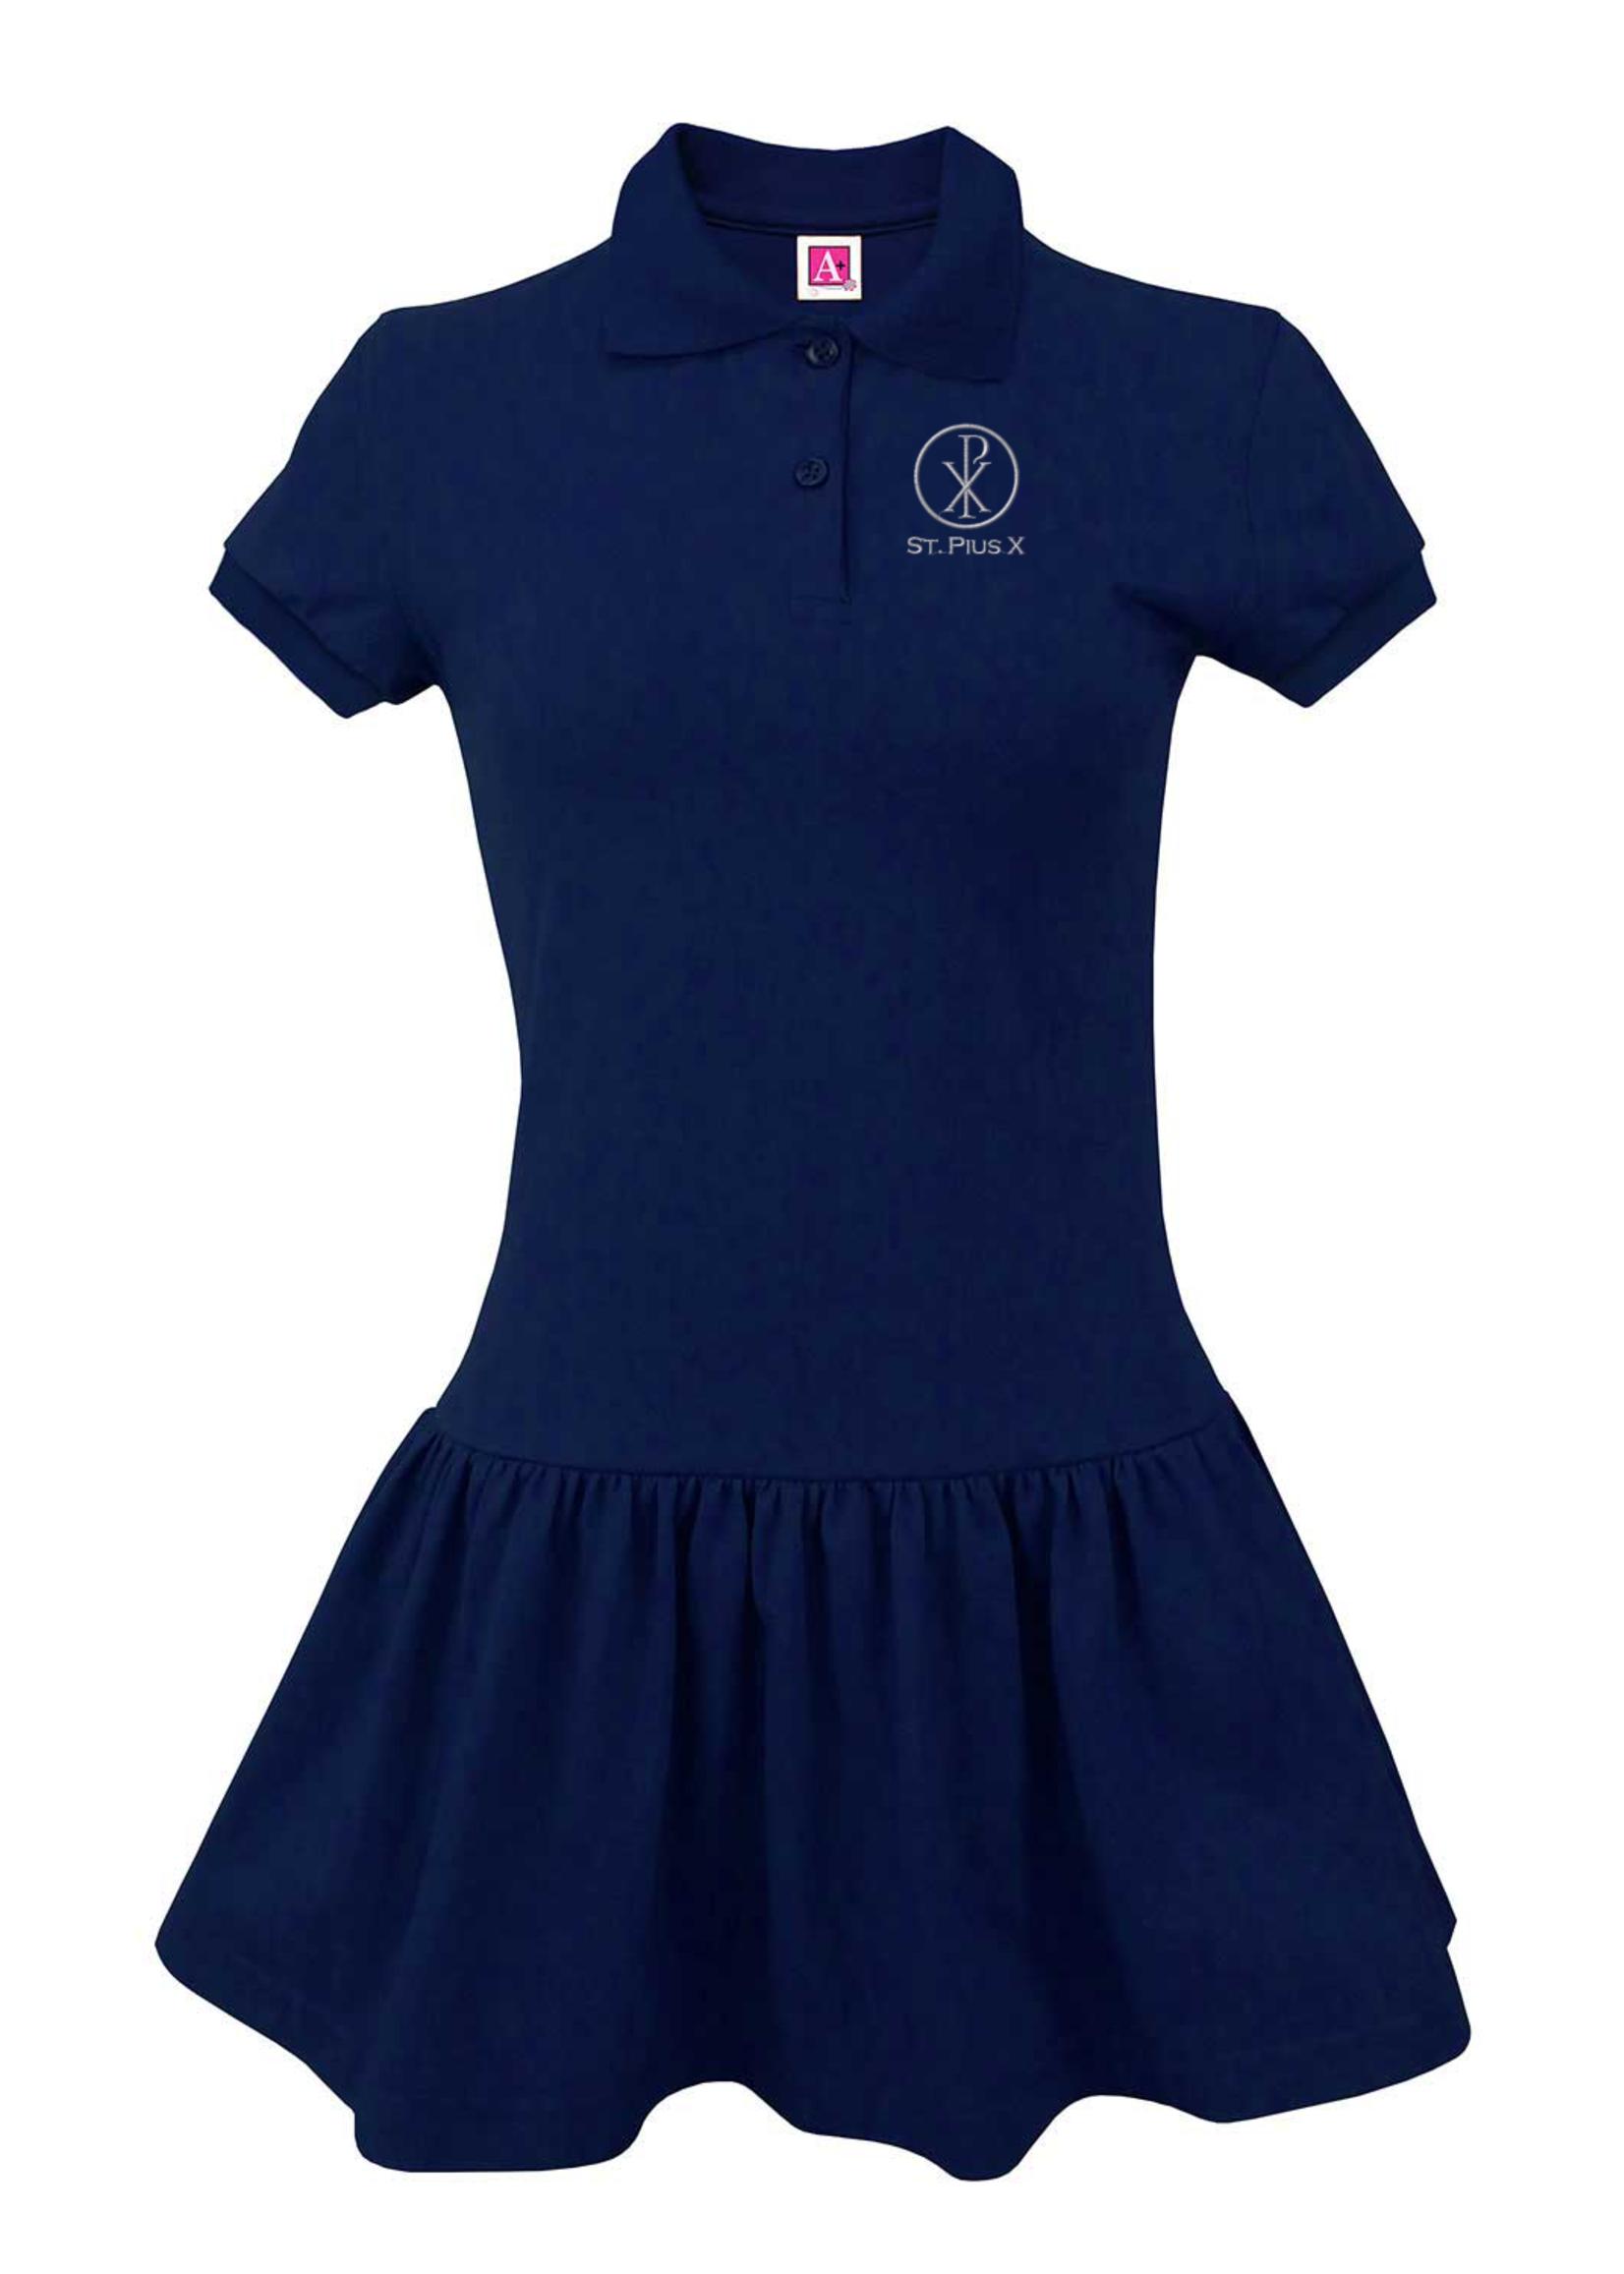 A+ Navy Jersey Knit Dress